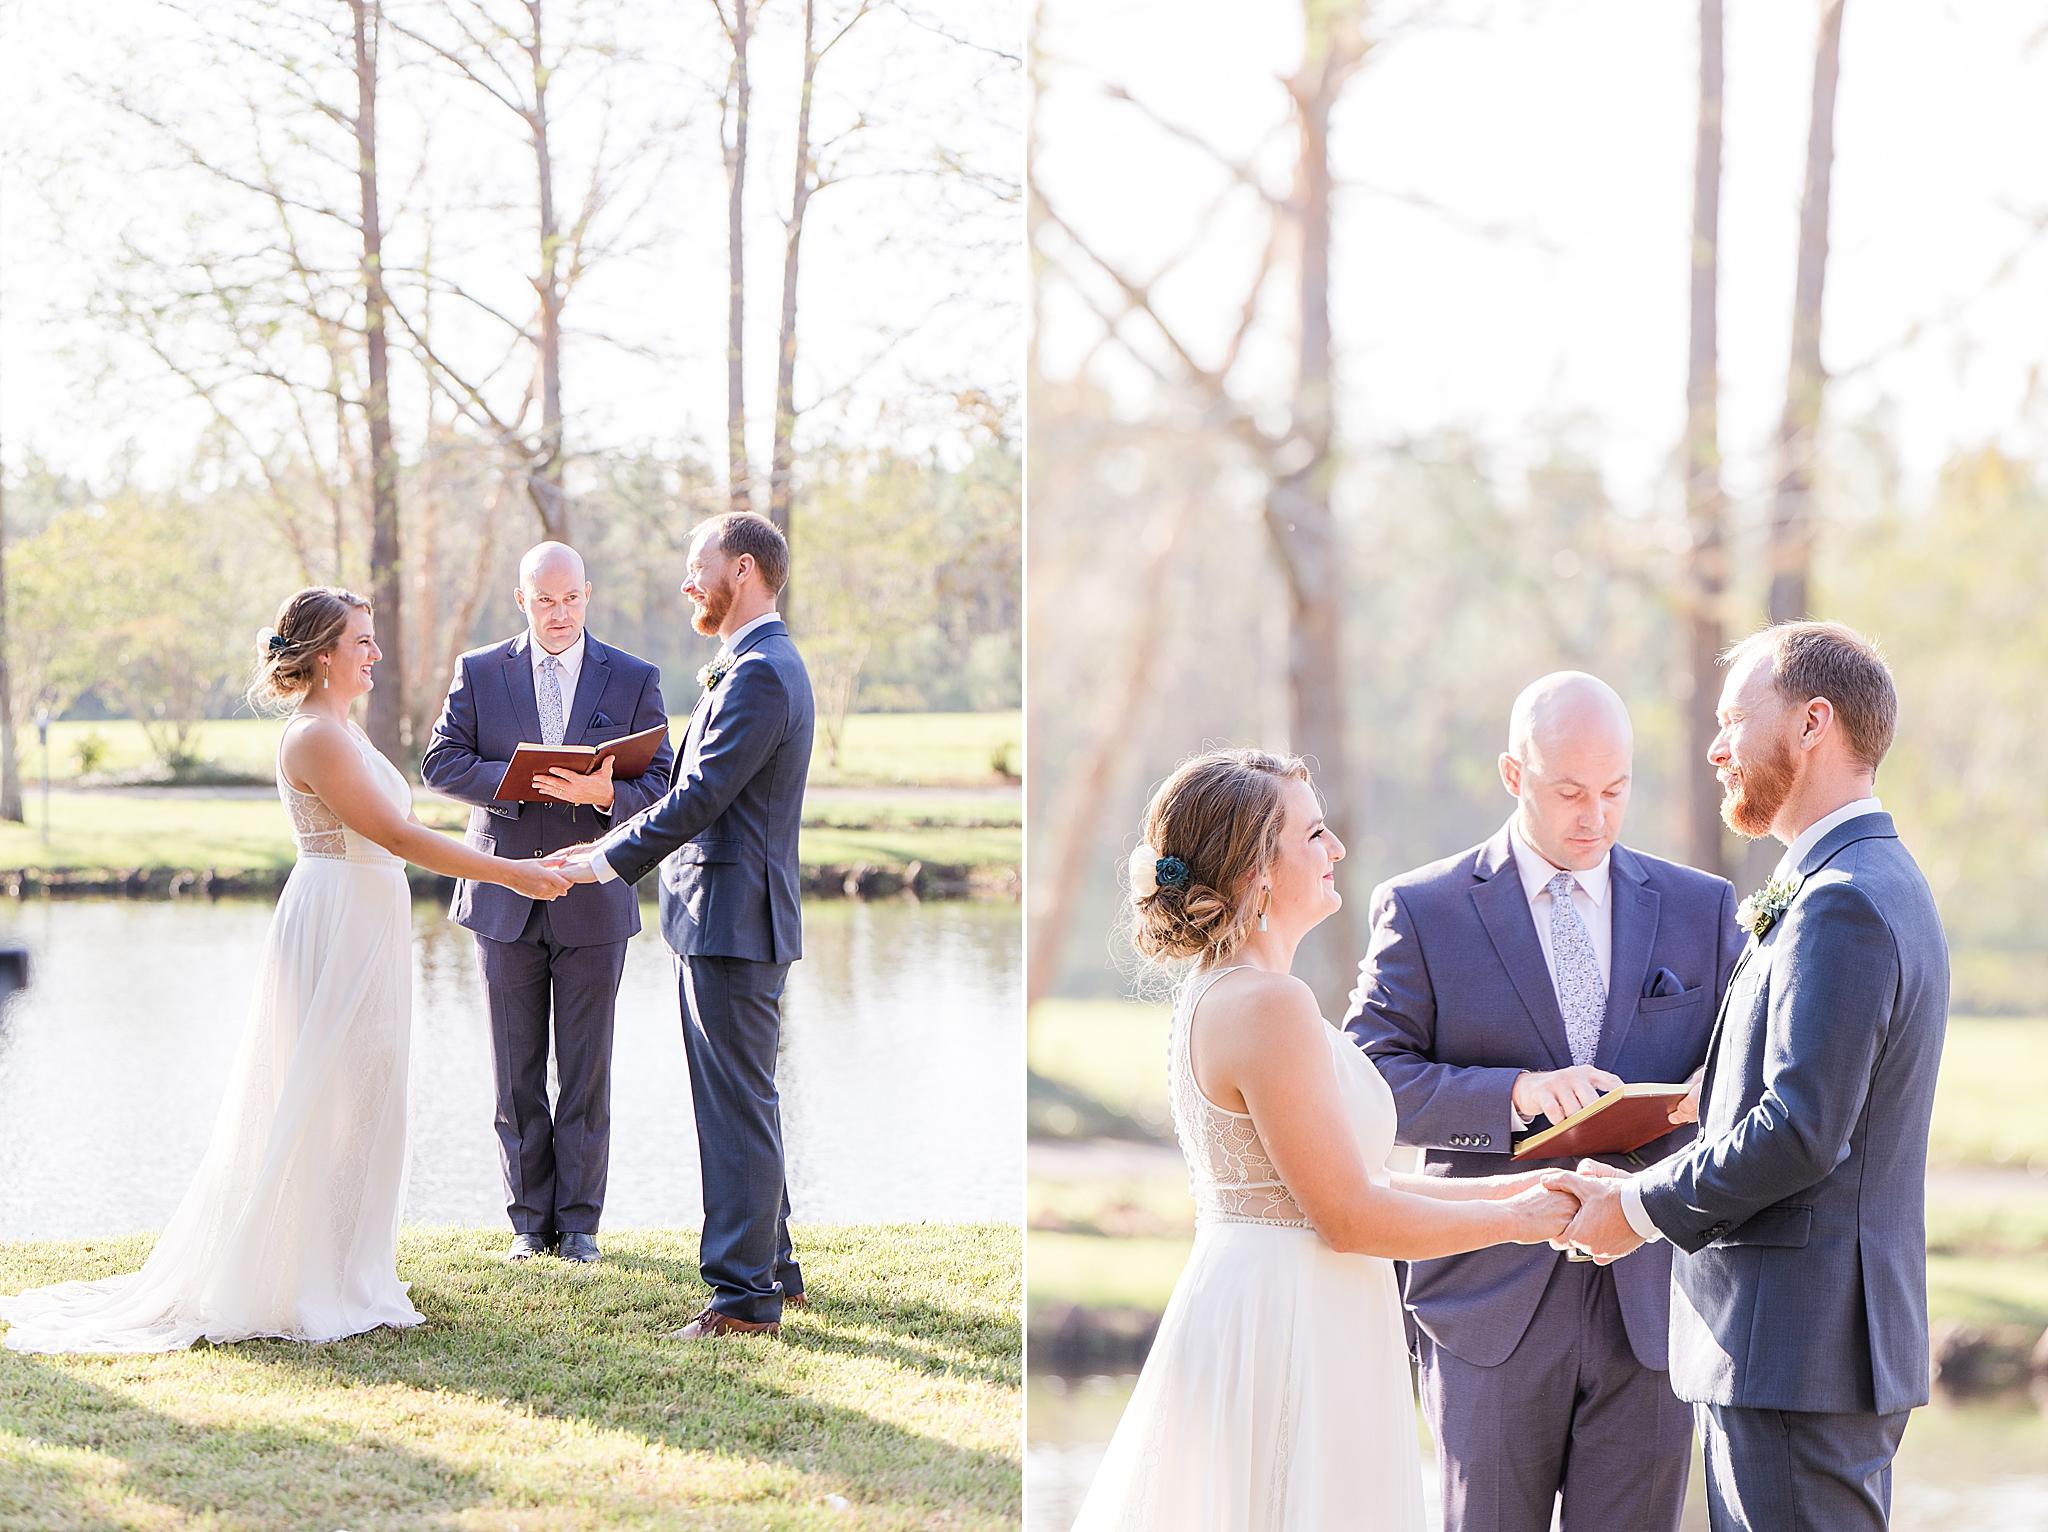 Burkhardt Pond wedding ceremony